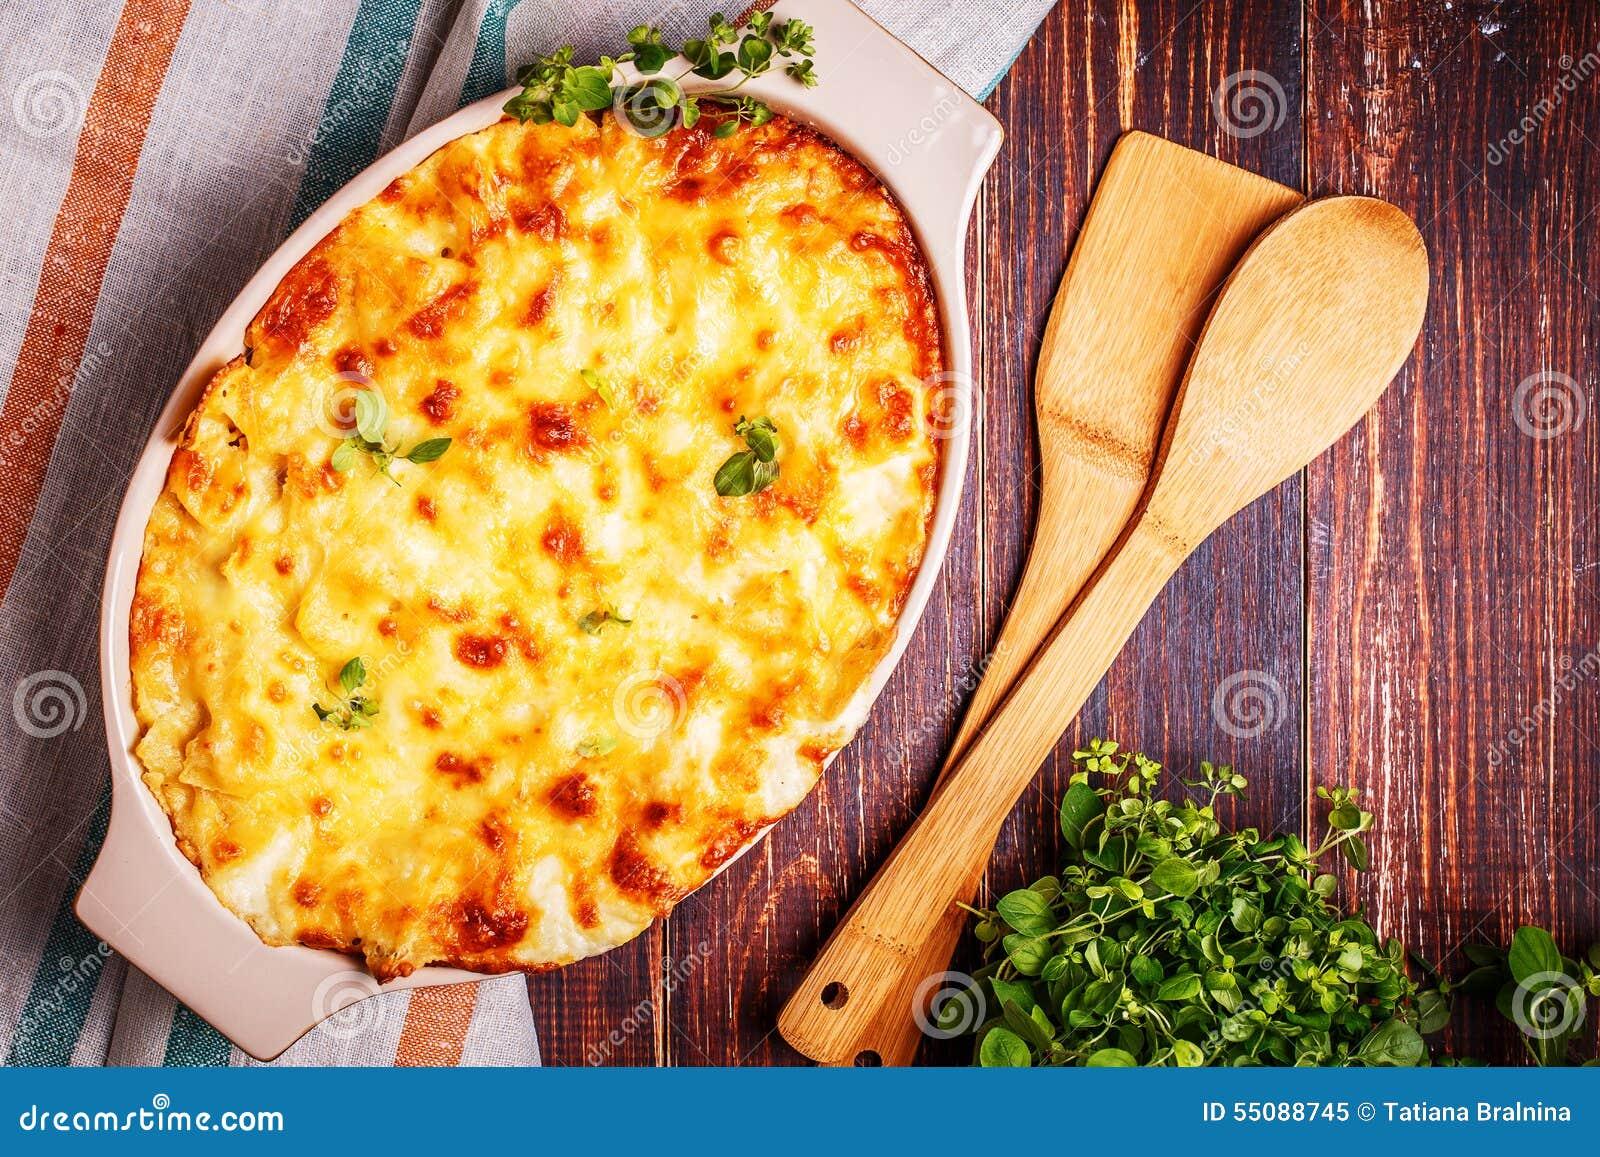 Macarrones y queso cocidos al horno